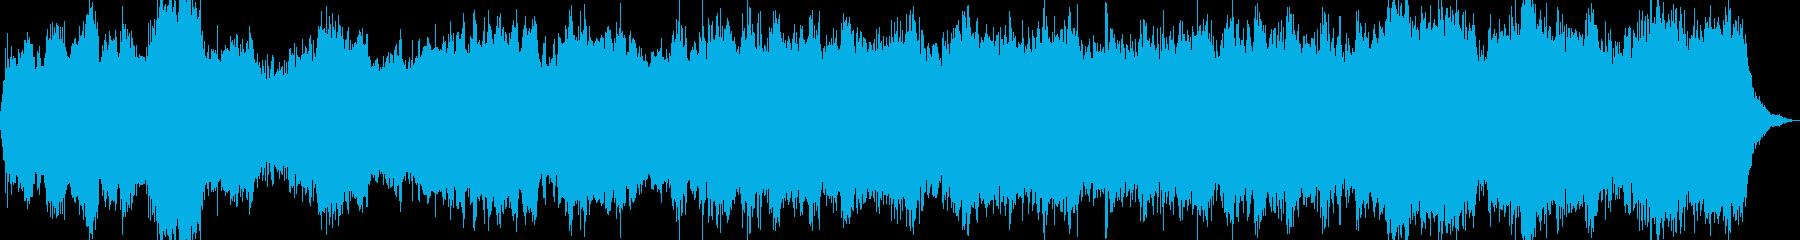 怖いシーンで使われる不気味なオーケストラの再生済みの波形